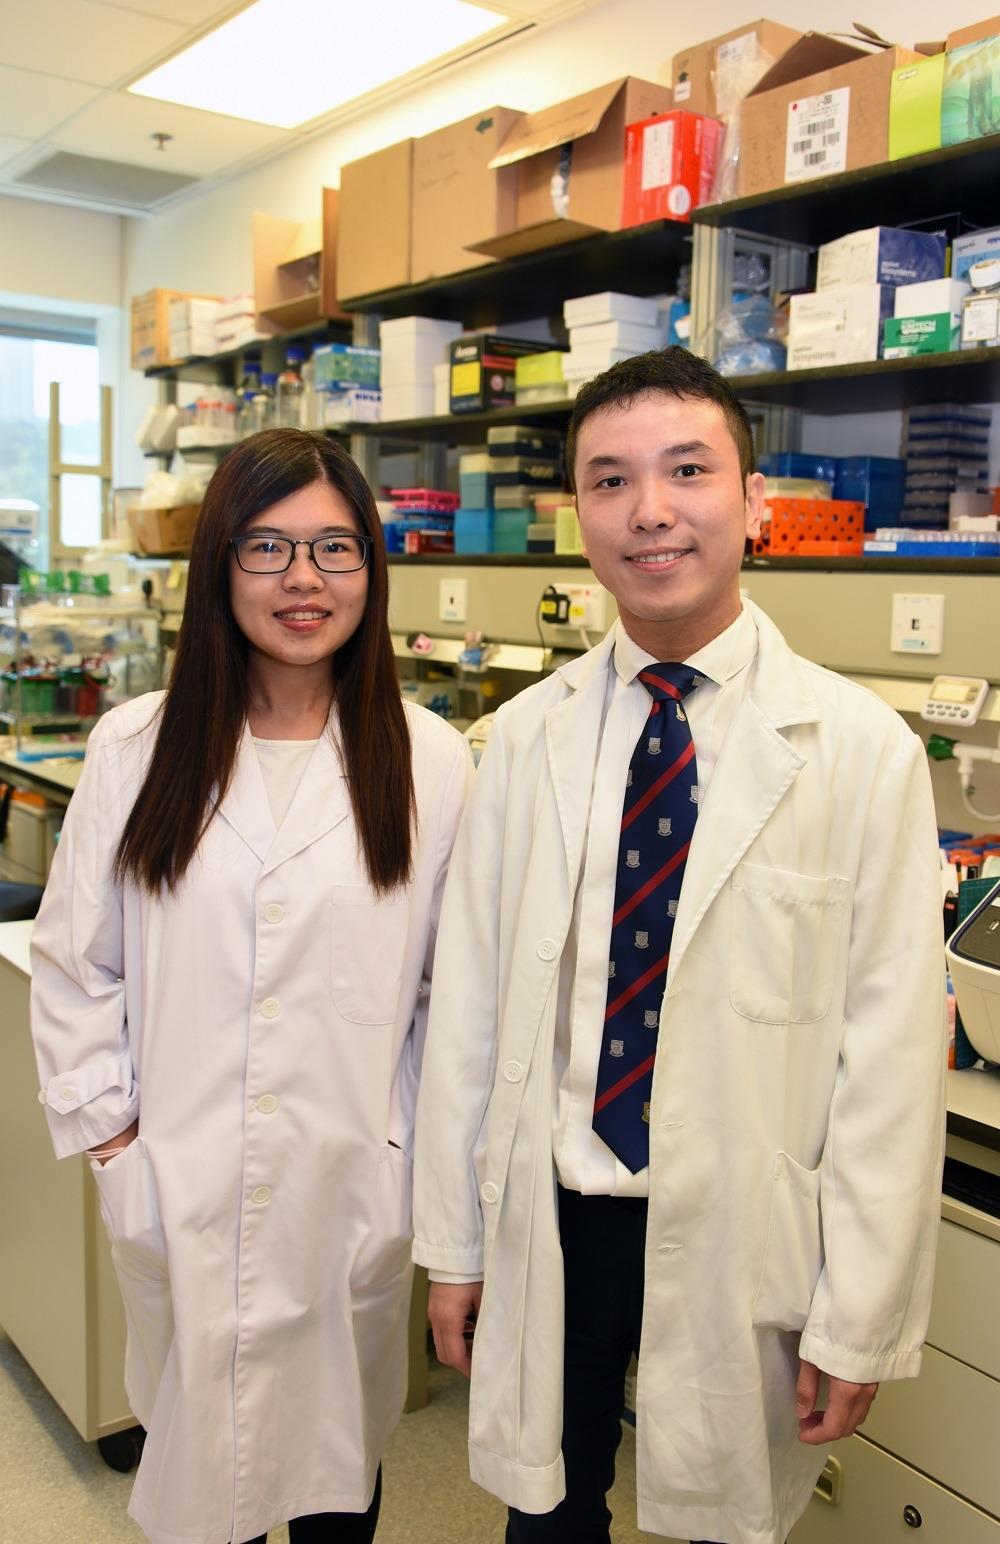 港大醫學院藥理及藥劑學系與哈佛醫學院合作研究。